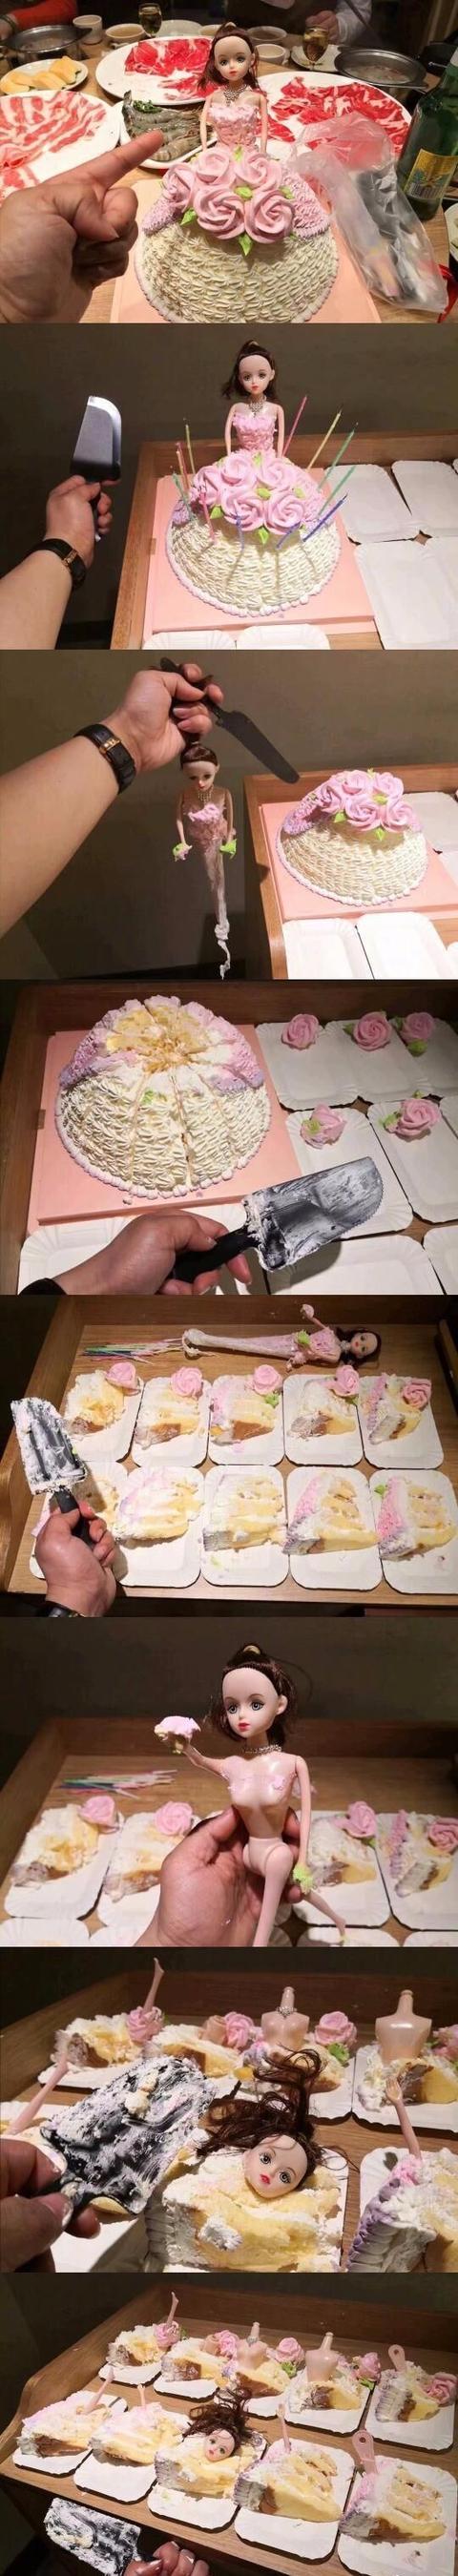 表妹过生日,让我分蛋糕我分的很公平啊为啥表妹吵吵的说要打死我?